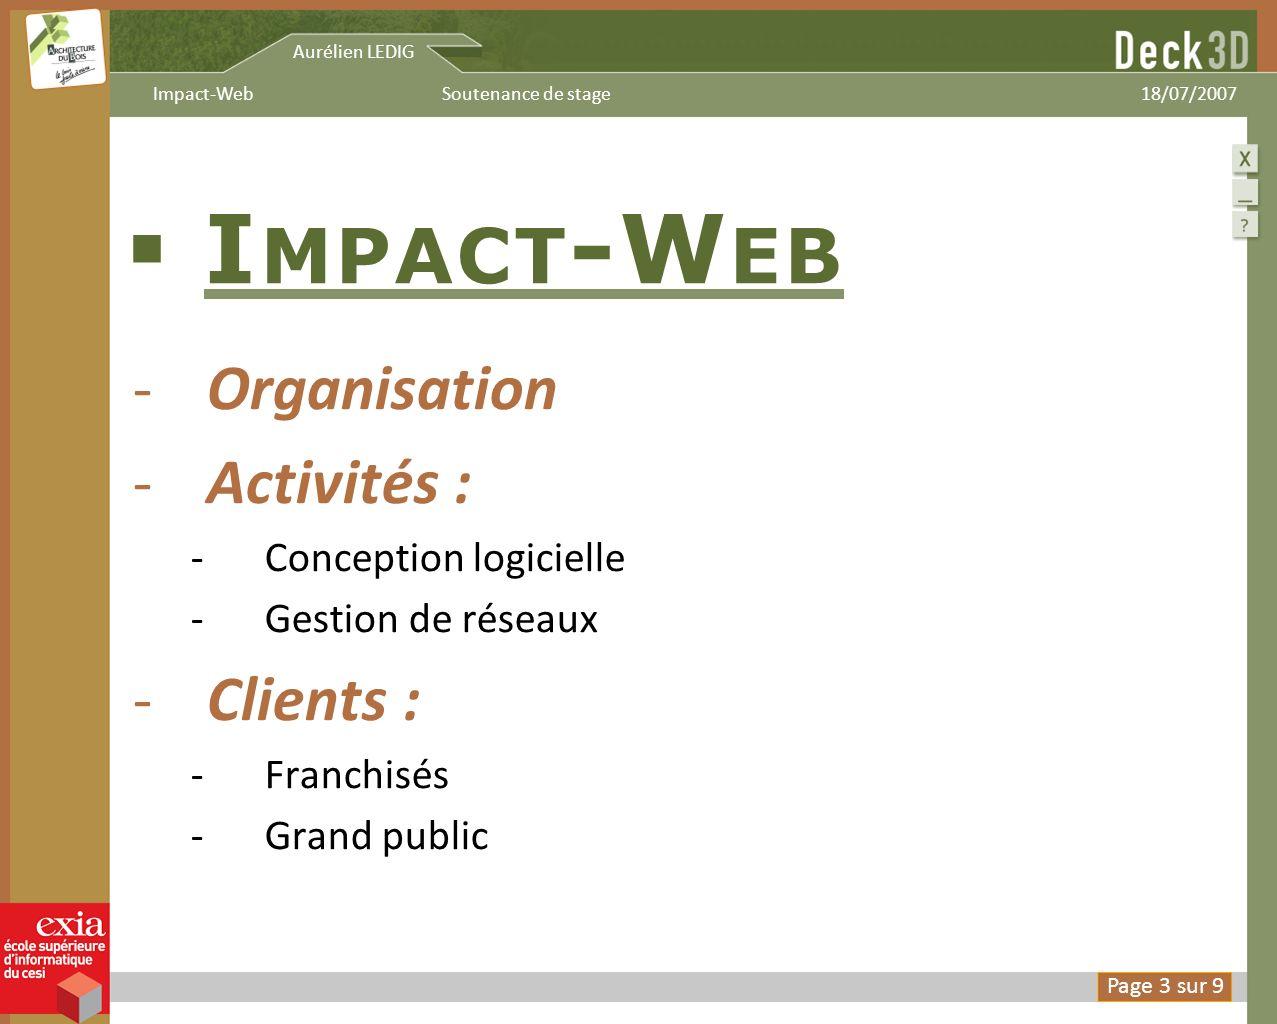 I MPACT -W EB -Organisation -Activités : -Conception logicielle -Gestion de réseaux -Clients : -Franchisés -Grand public Aurélien LEDIG 18/07/2007Soutenance de stageImpact-Web